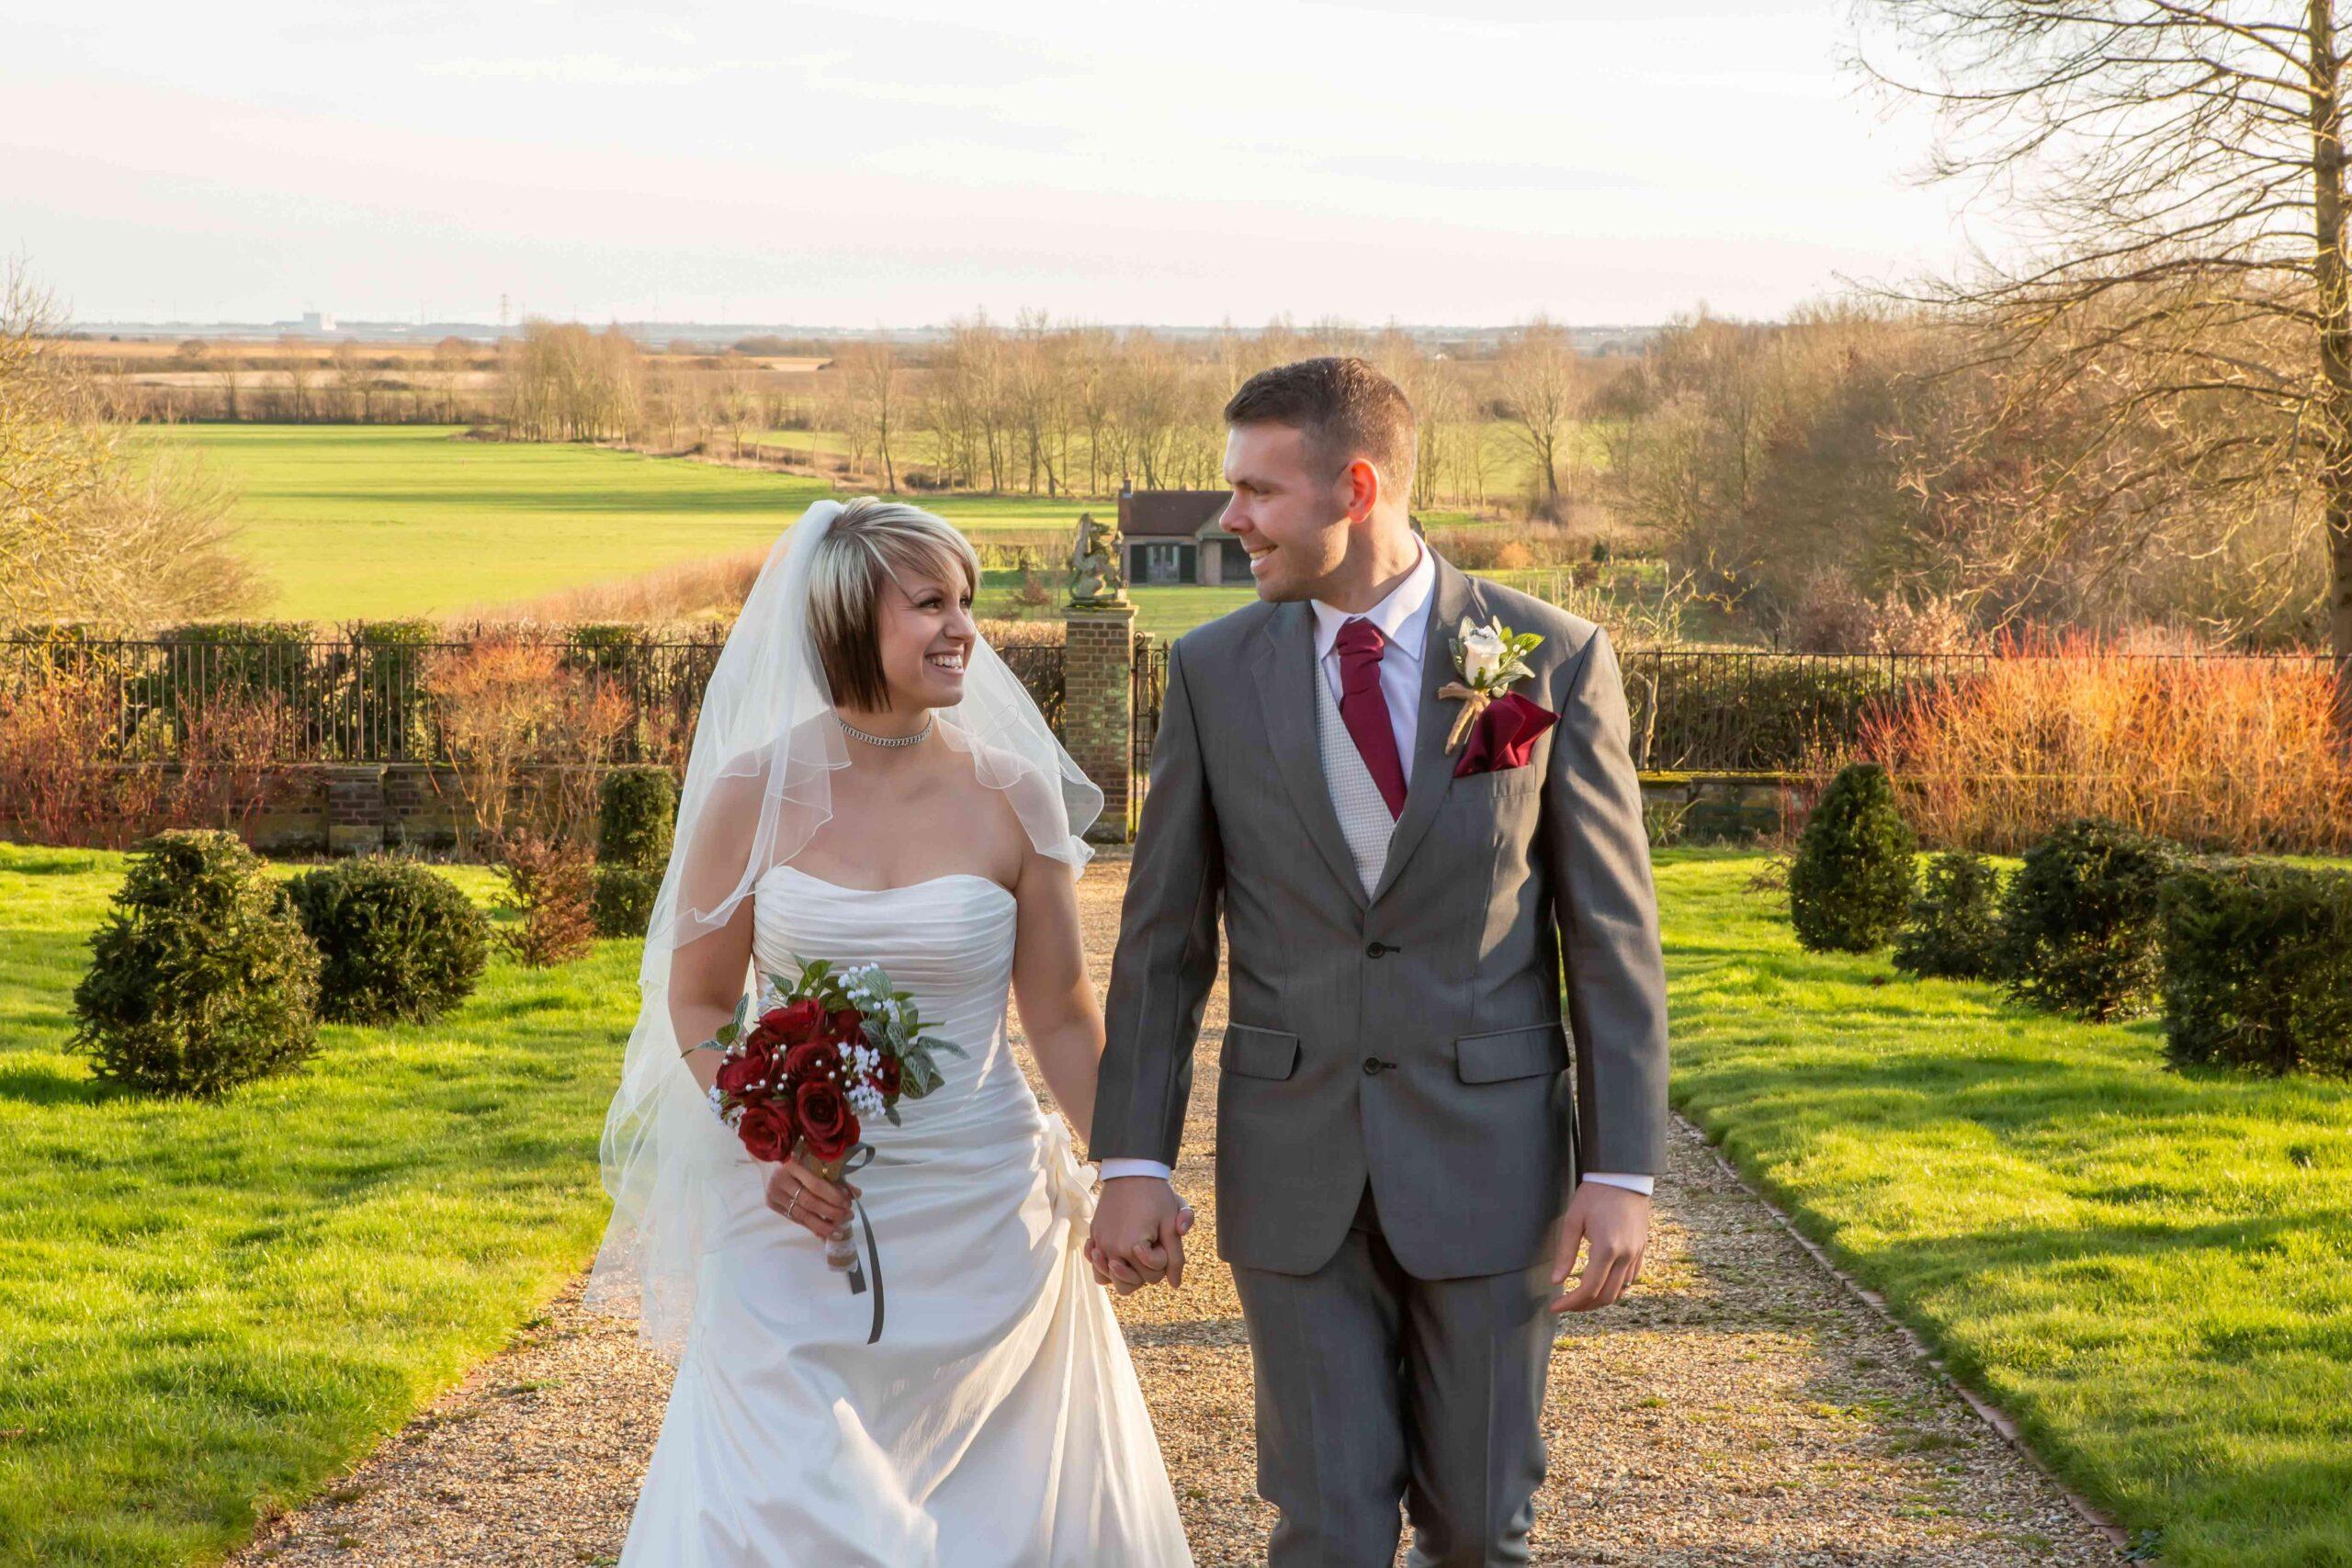 Bride and Groom walking through the garden towards the Tudor tower